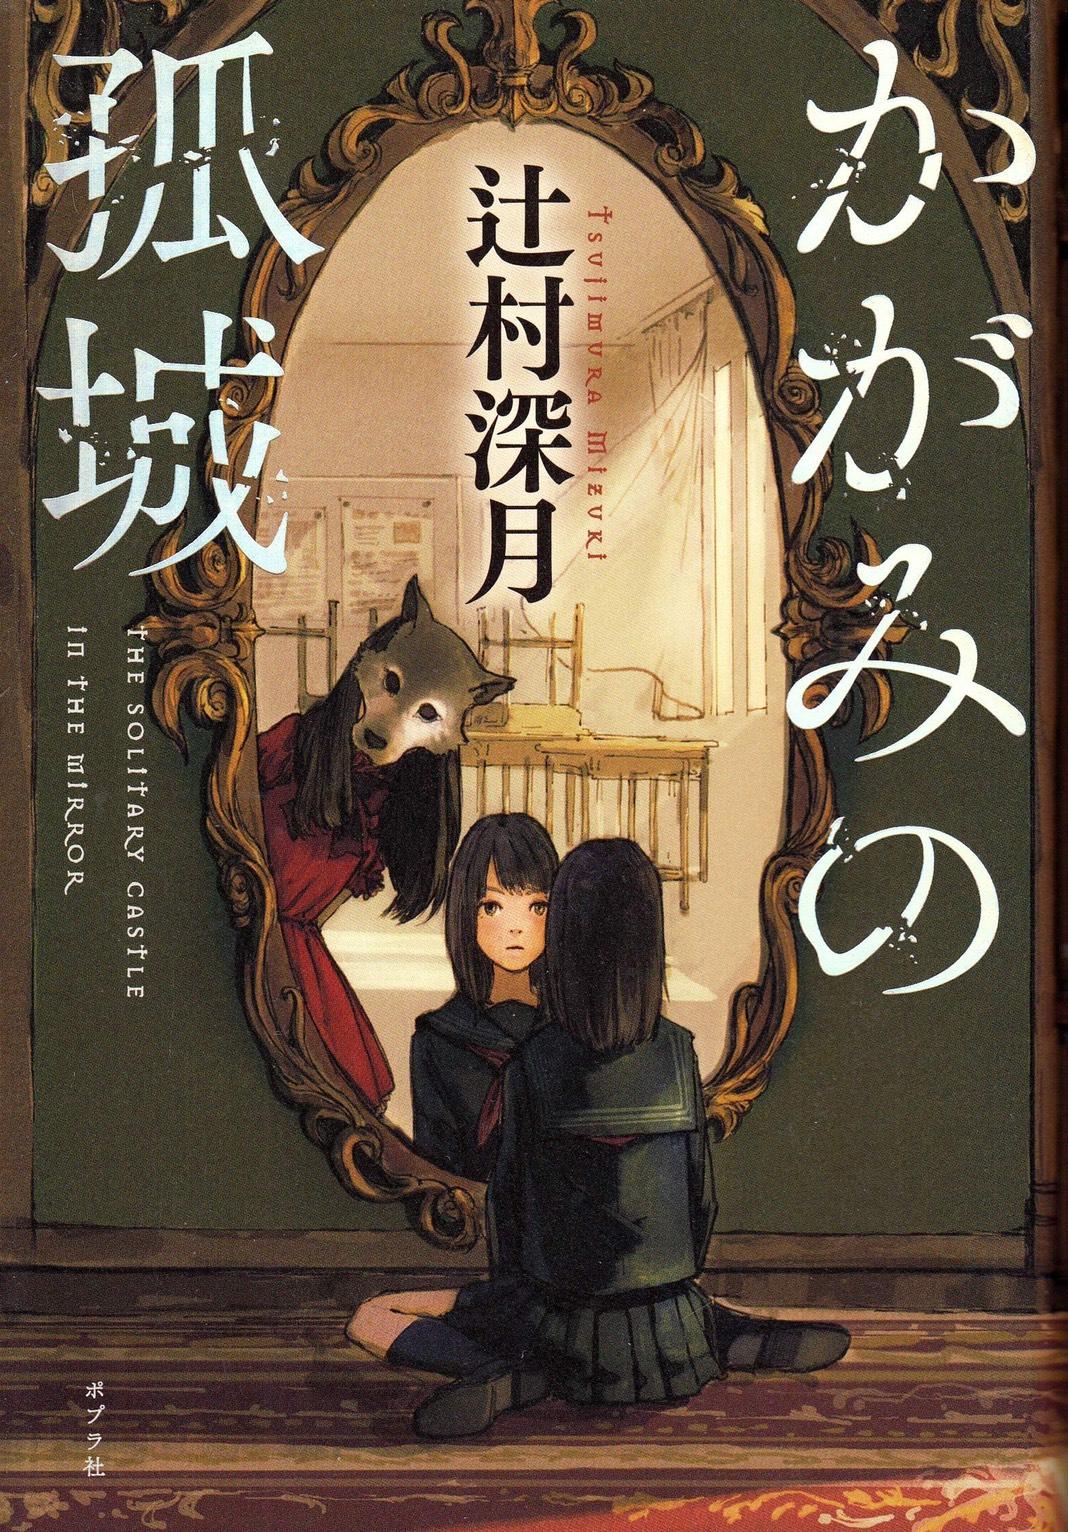 【オンライン家庭教師】~田村先生の日常~ おすすめの小説